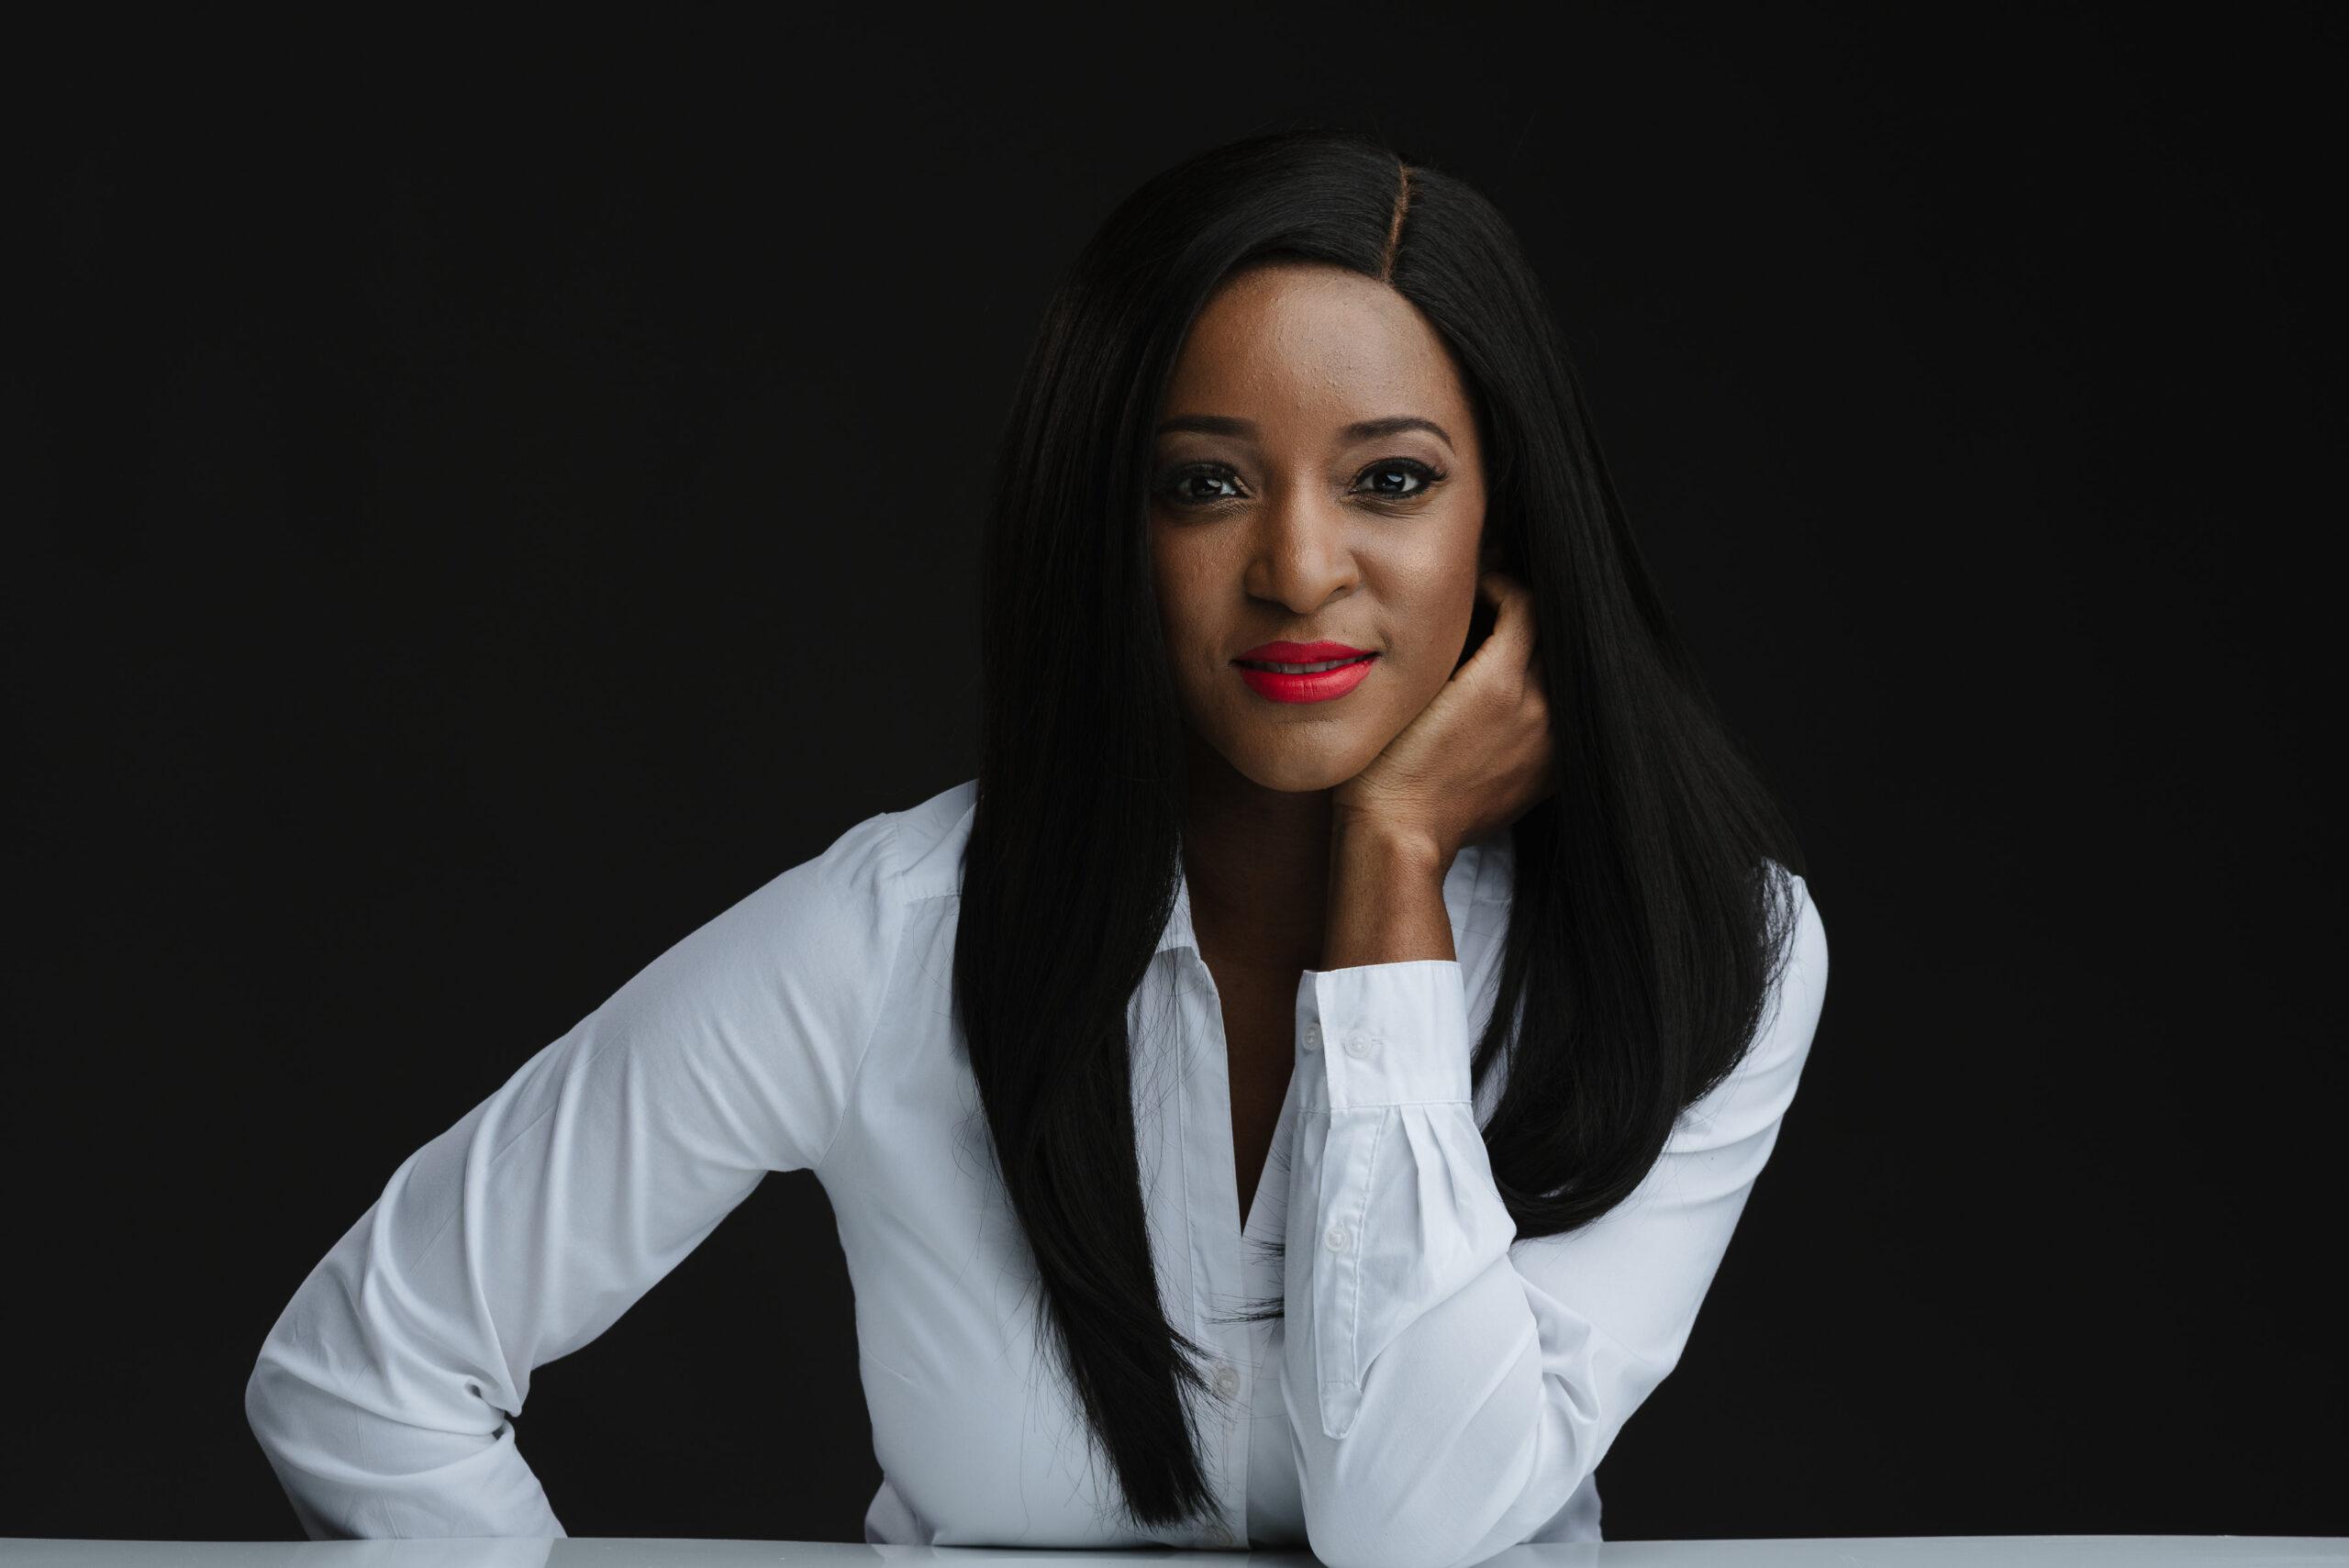 Female futurist and serial entrepreneur